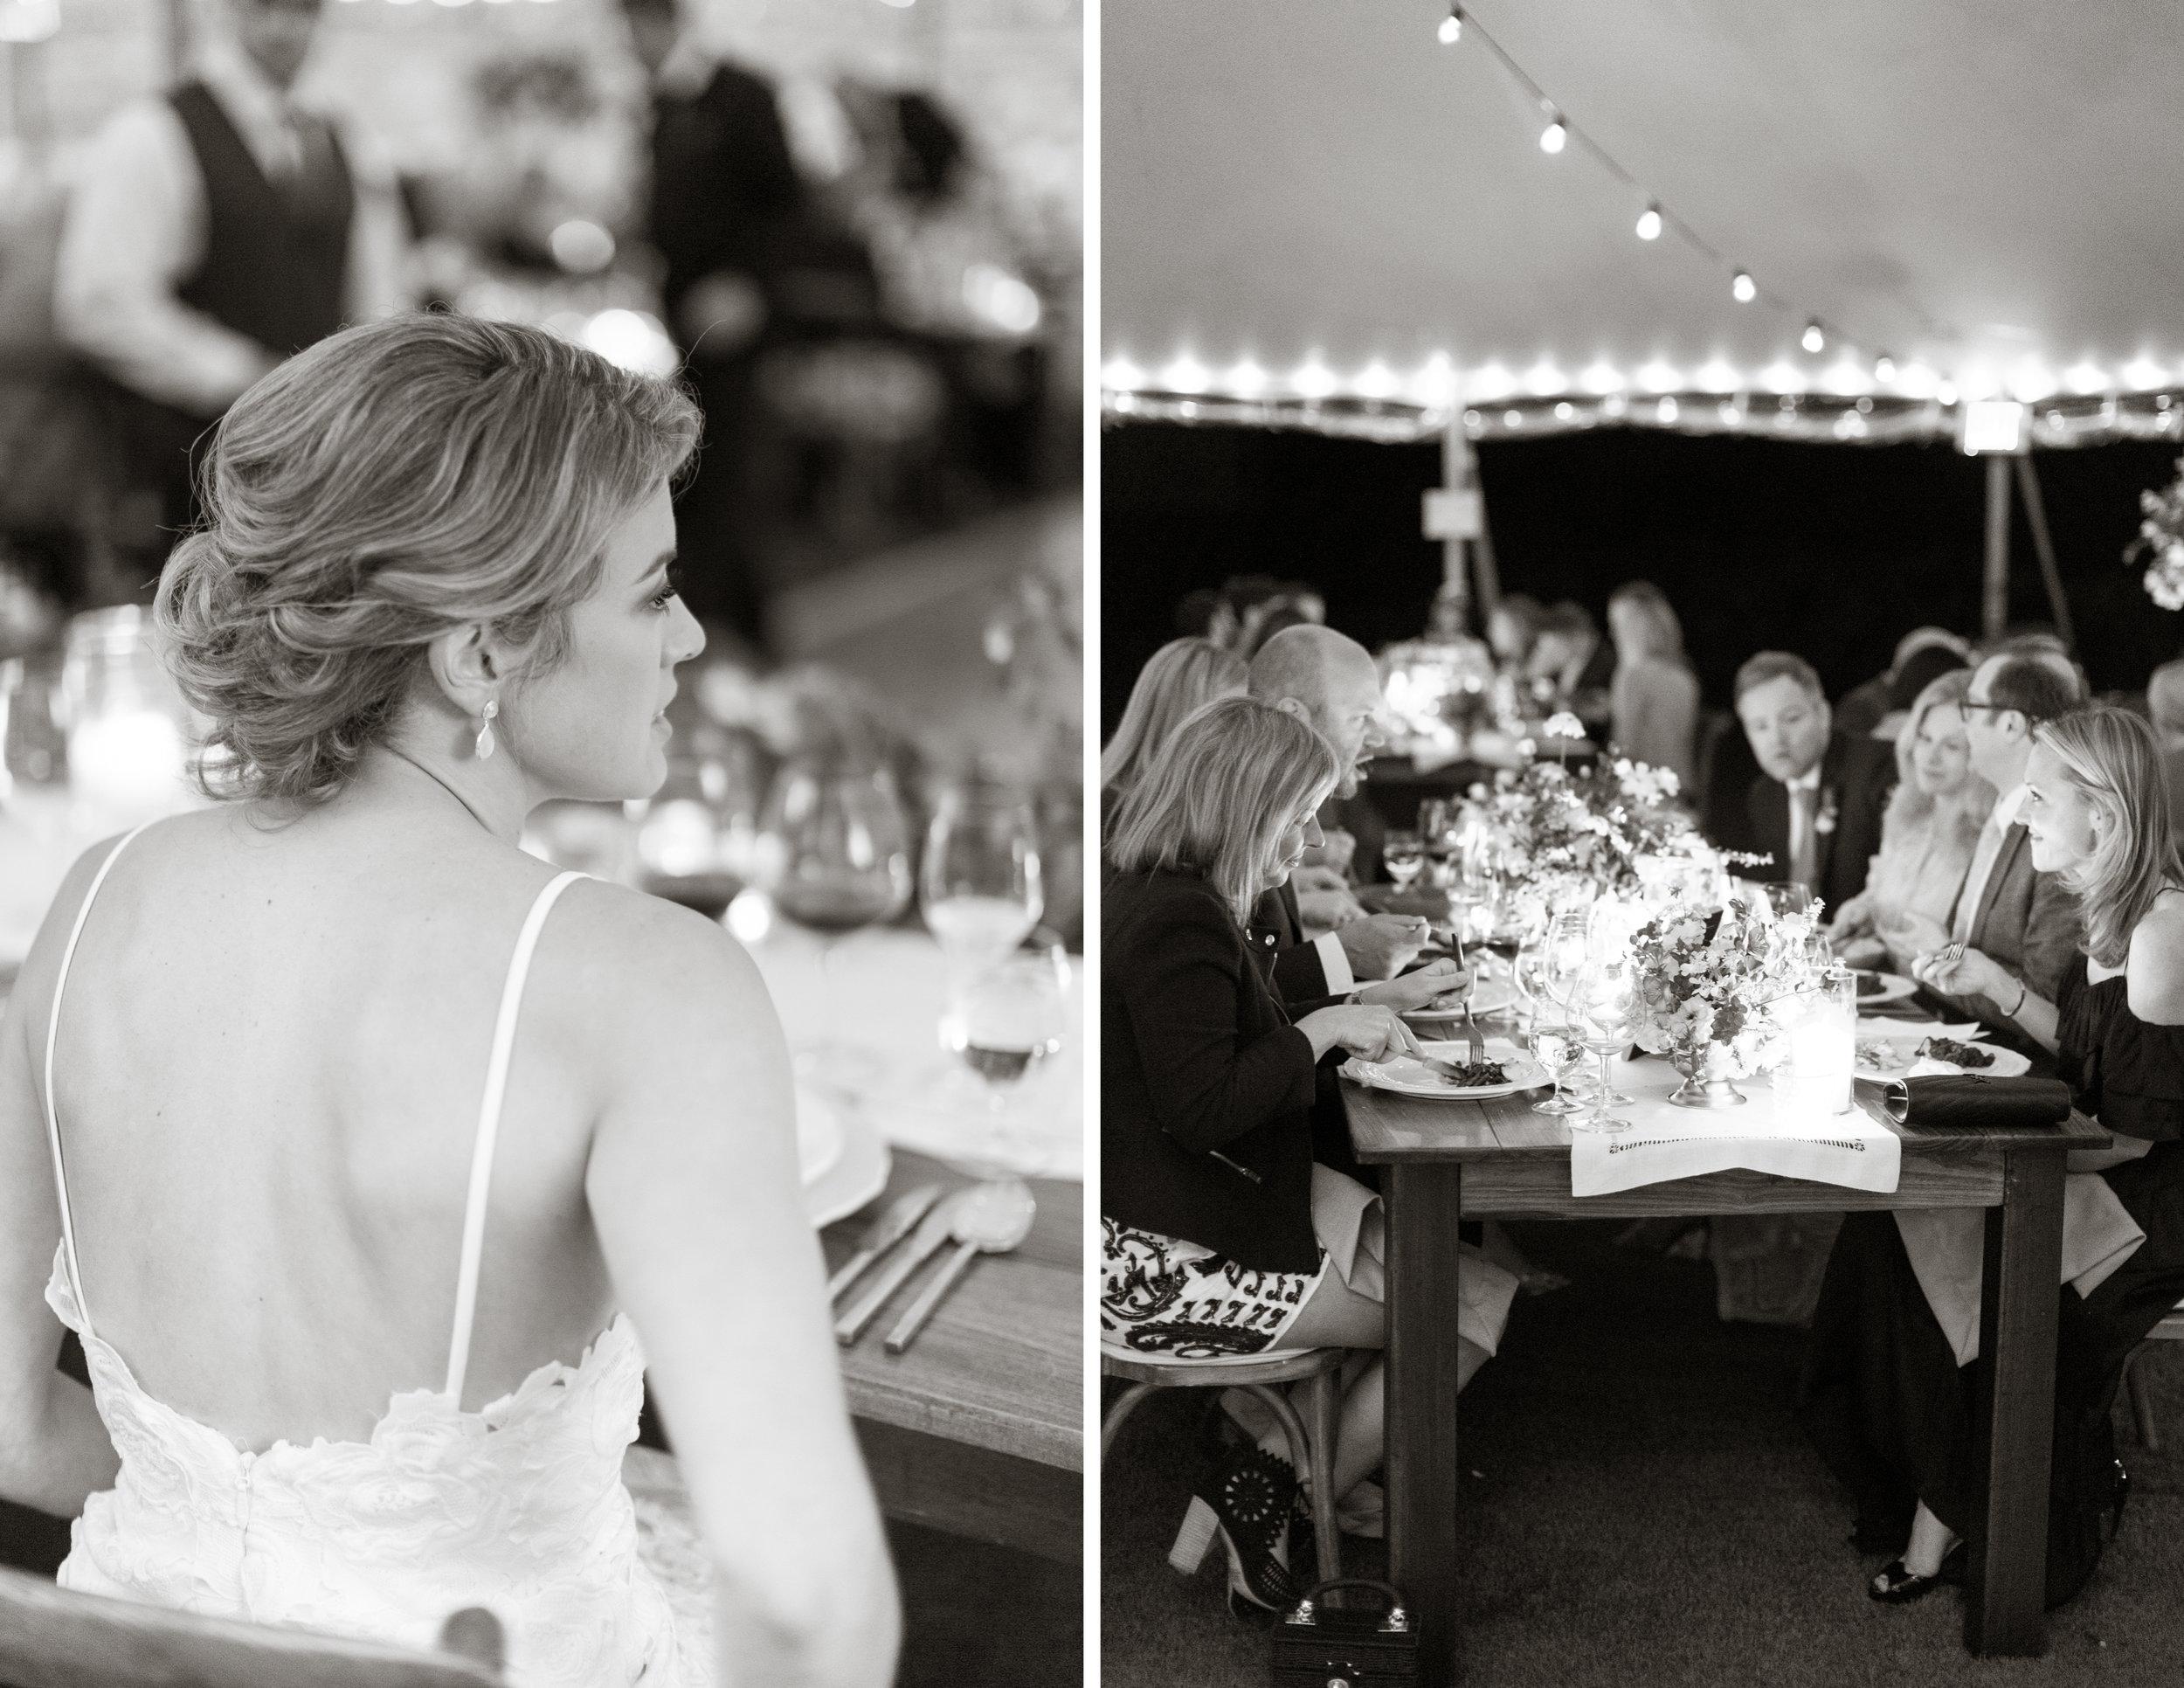 meadowood napa valley wedding 24.jpg